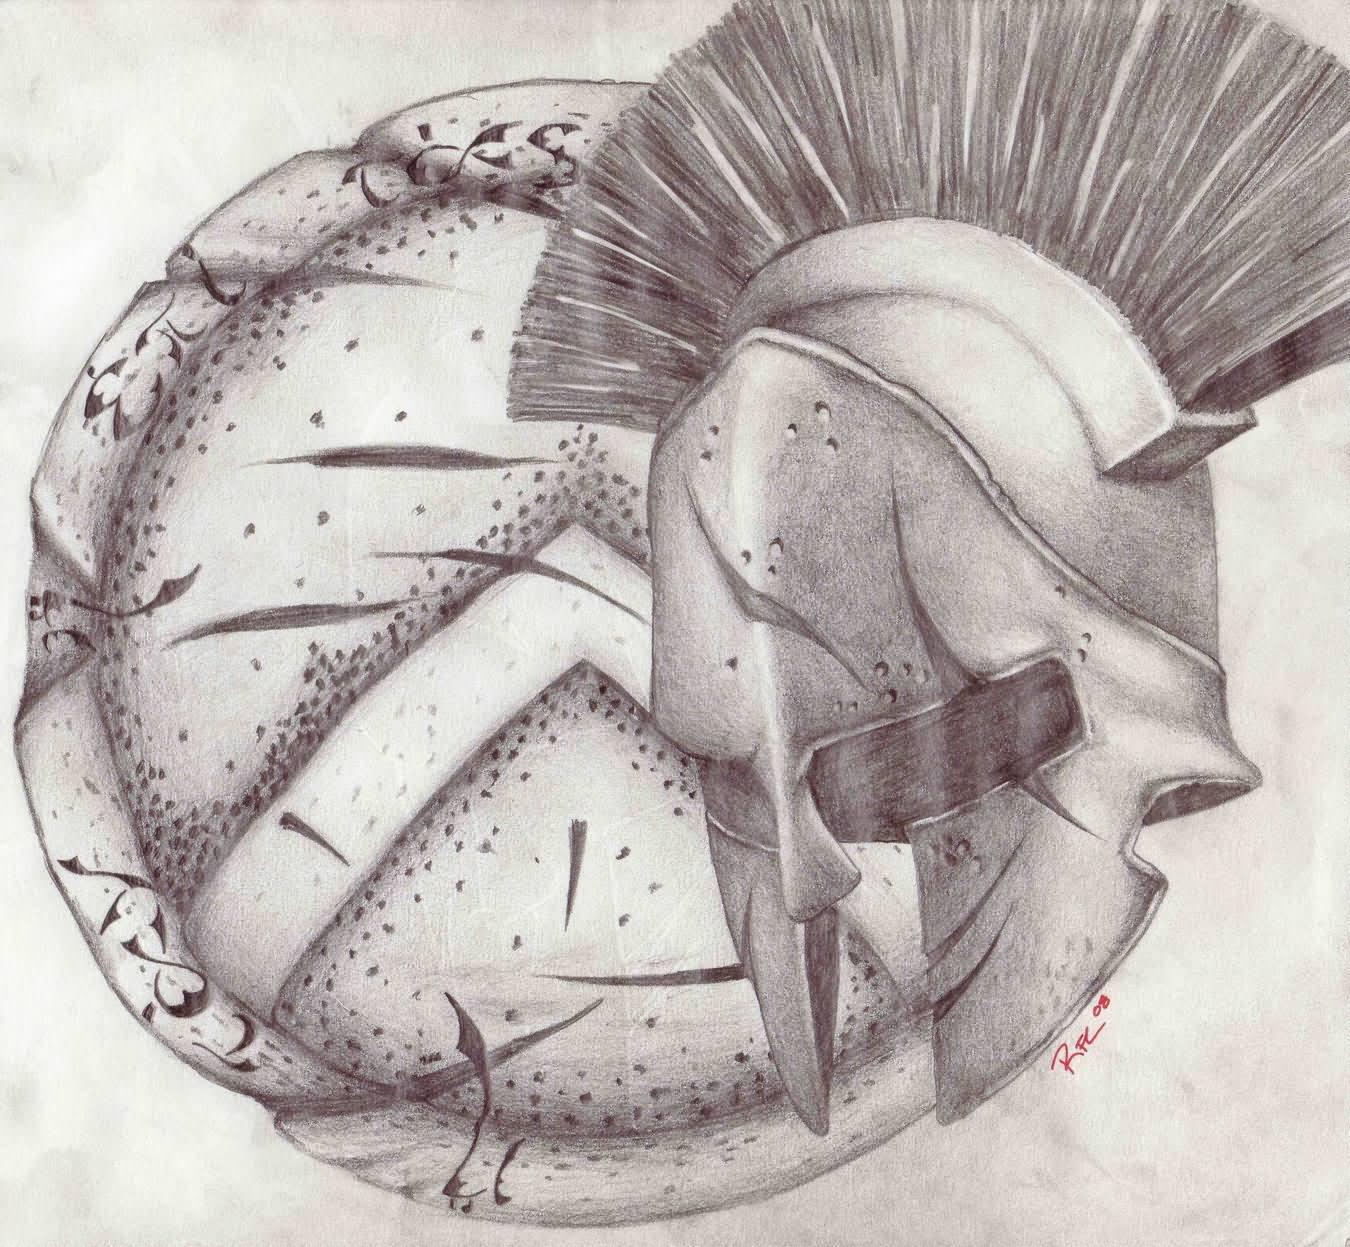 Helmet Tattoos - Askideas.com